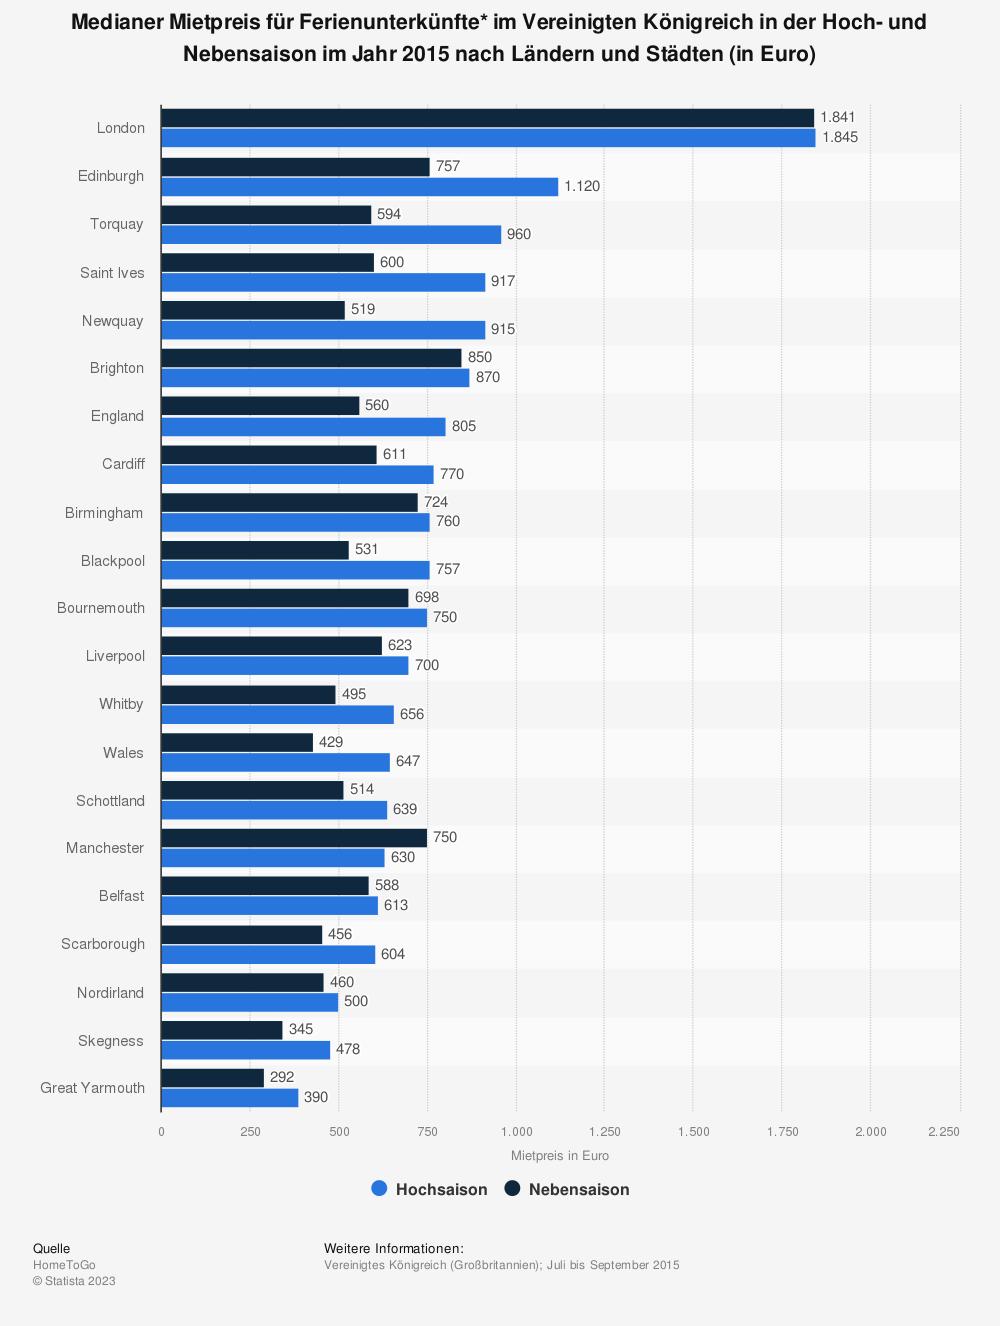 Statistik: Medianer Mietpreis für Ferienunterkünfte* im Vereinigten Königreich in der Hoch- und Nebensaison im Jahr 2015 nach Ländern und Städten (in Euro) | Statista